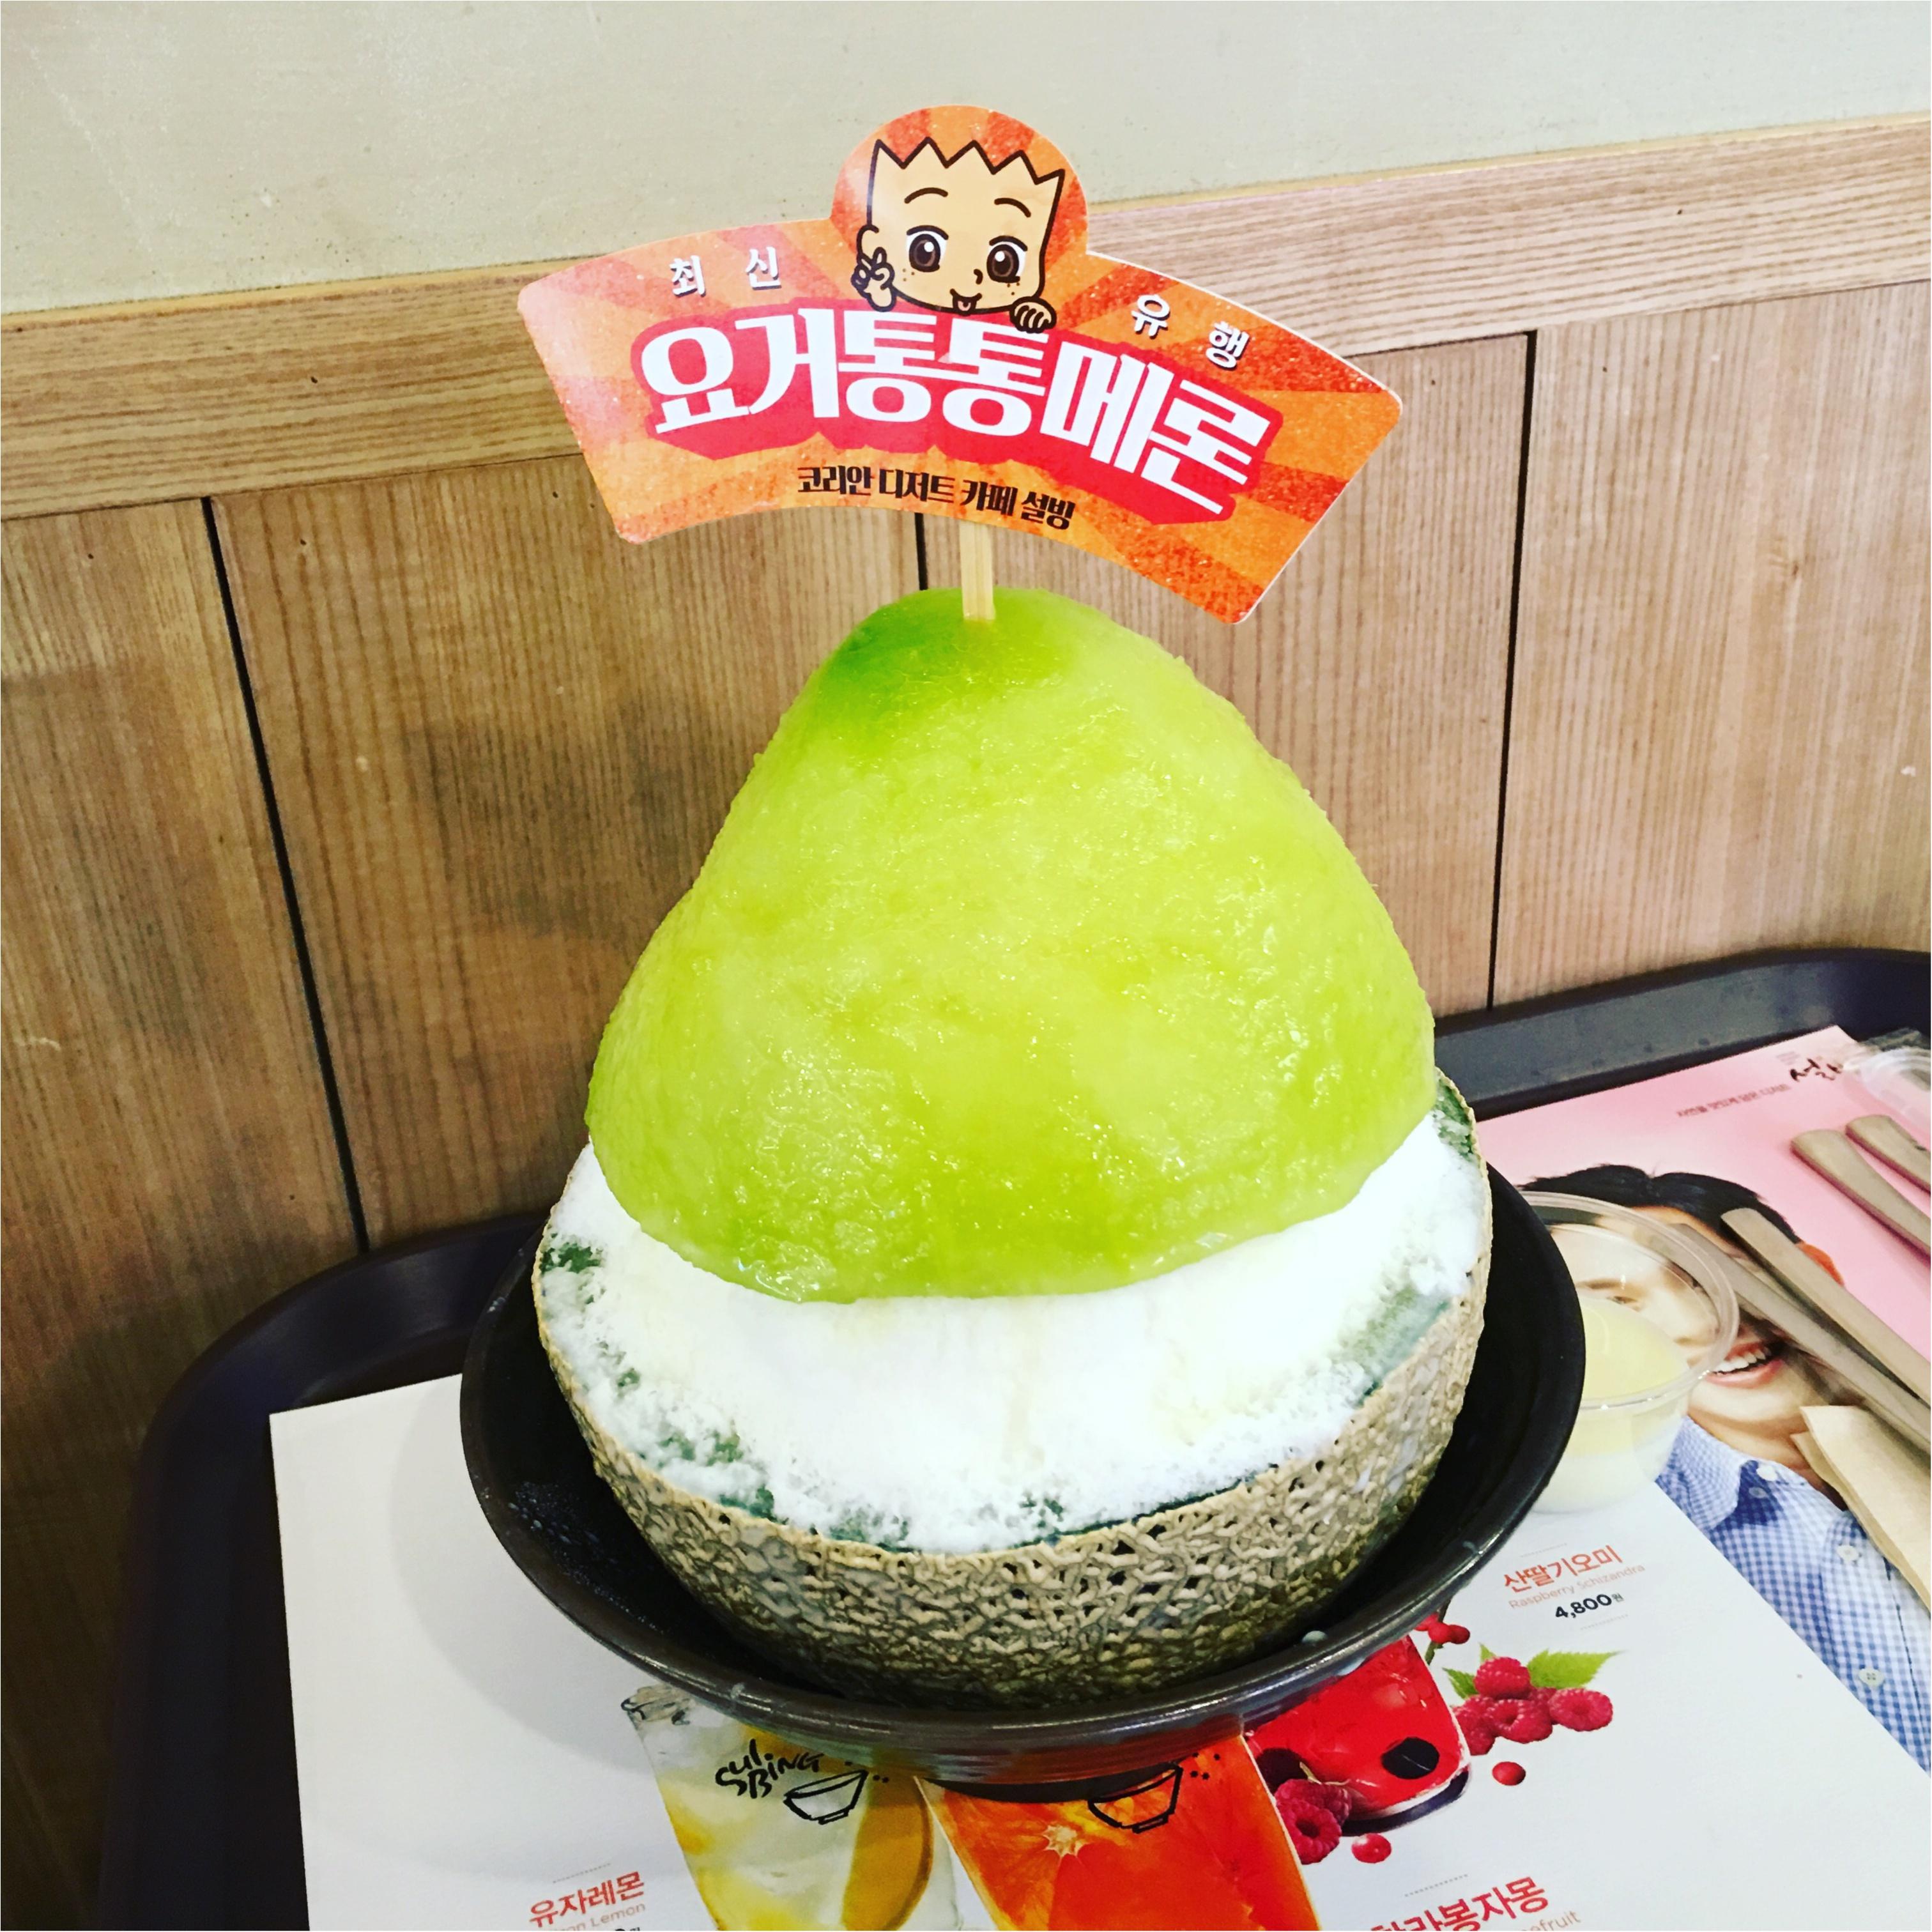 ♡【韓国大人気激辛店】レポート祭り‼︎♡モアハピ◡̈のぞみ♡_18